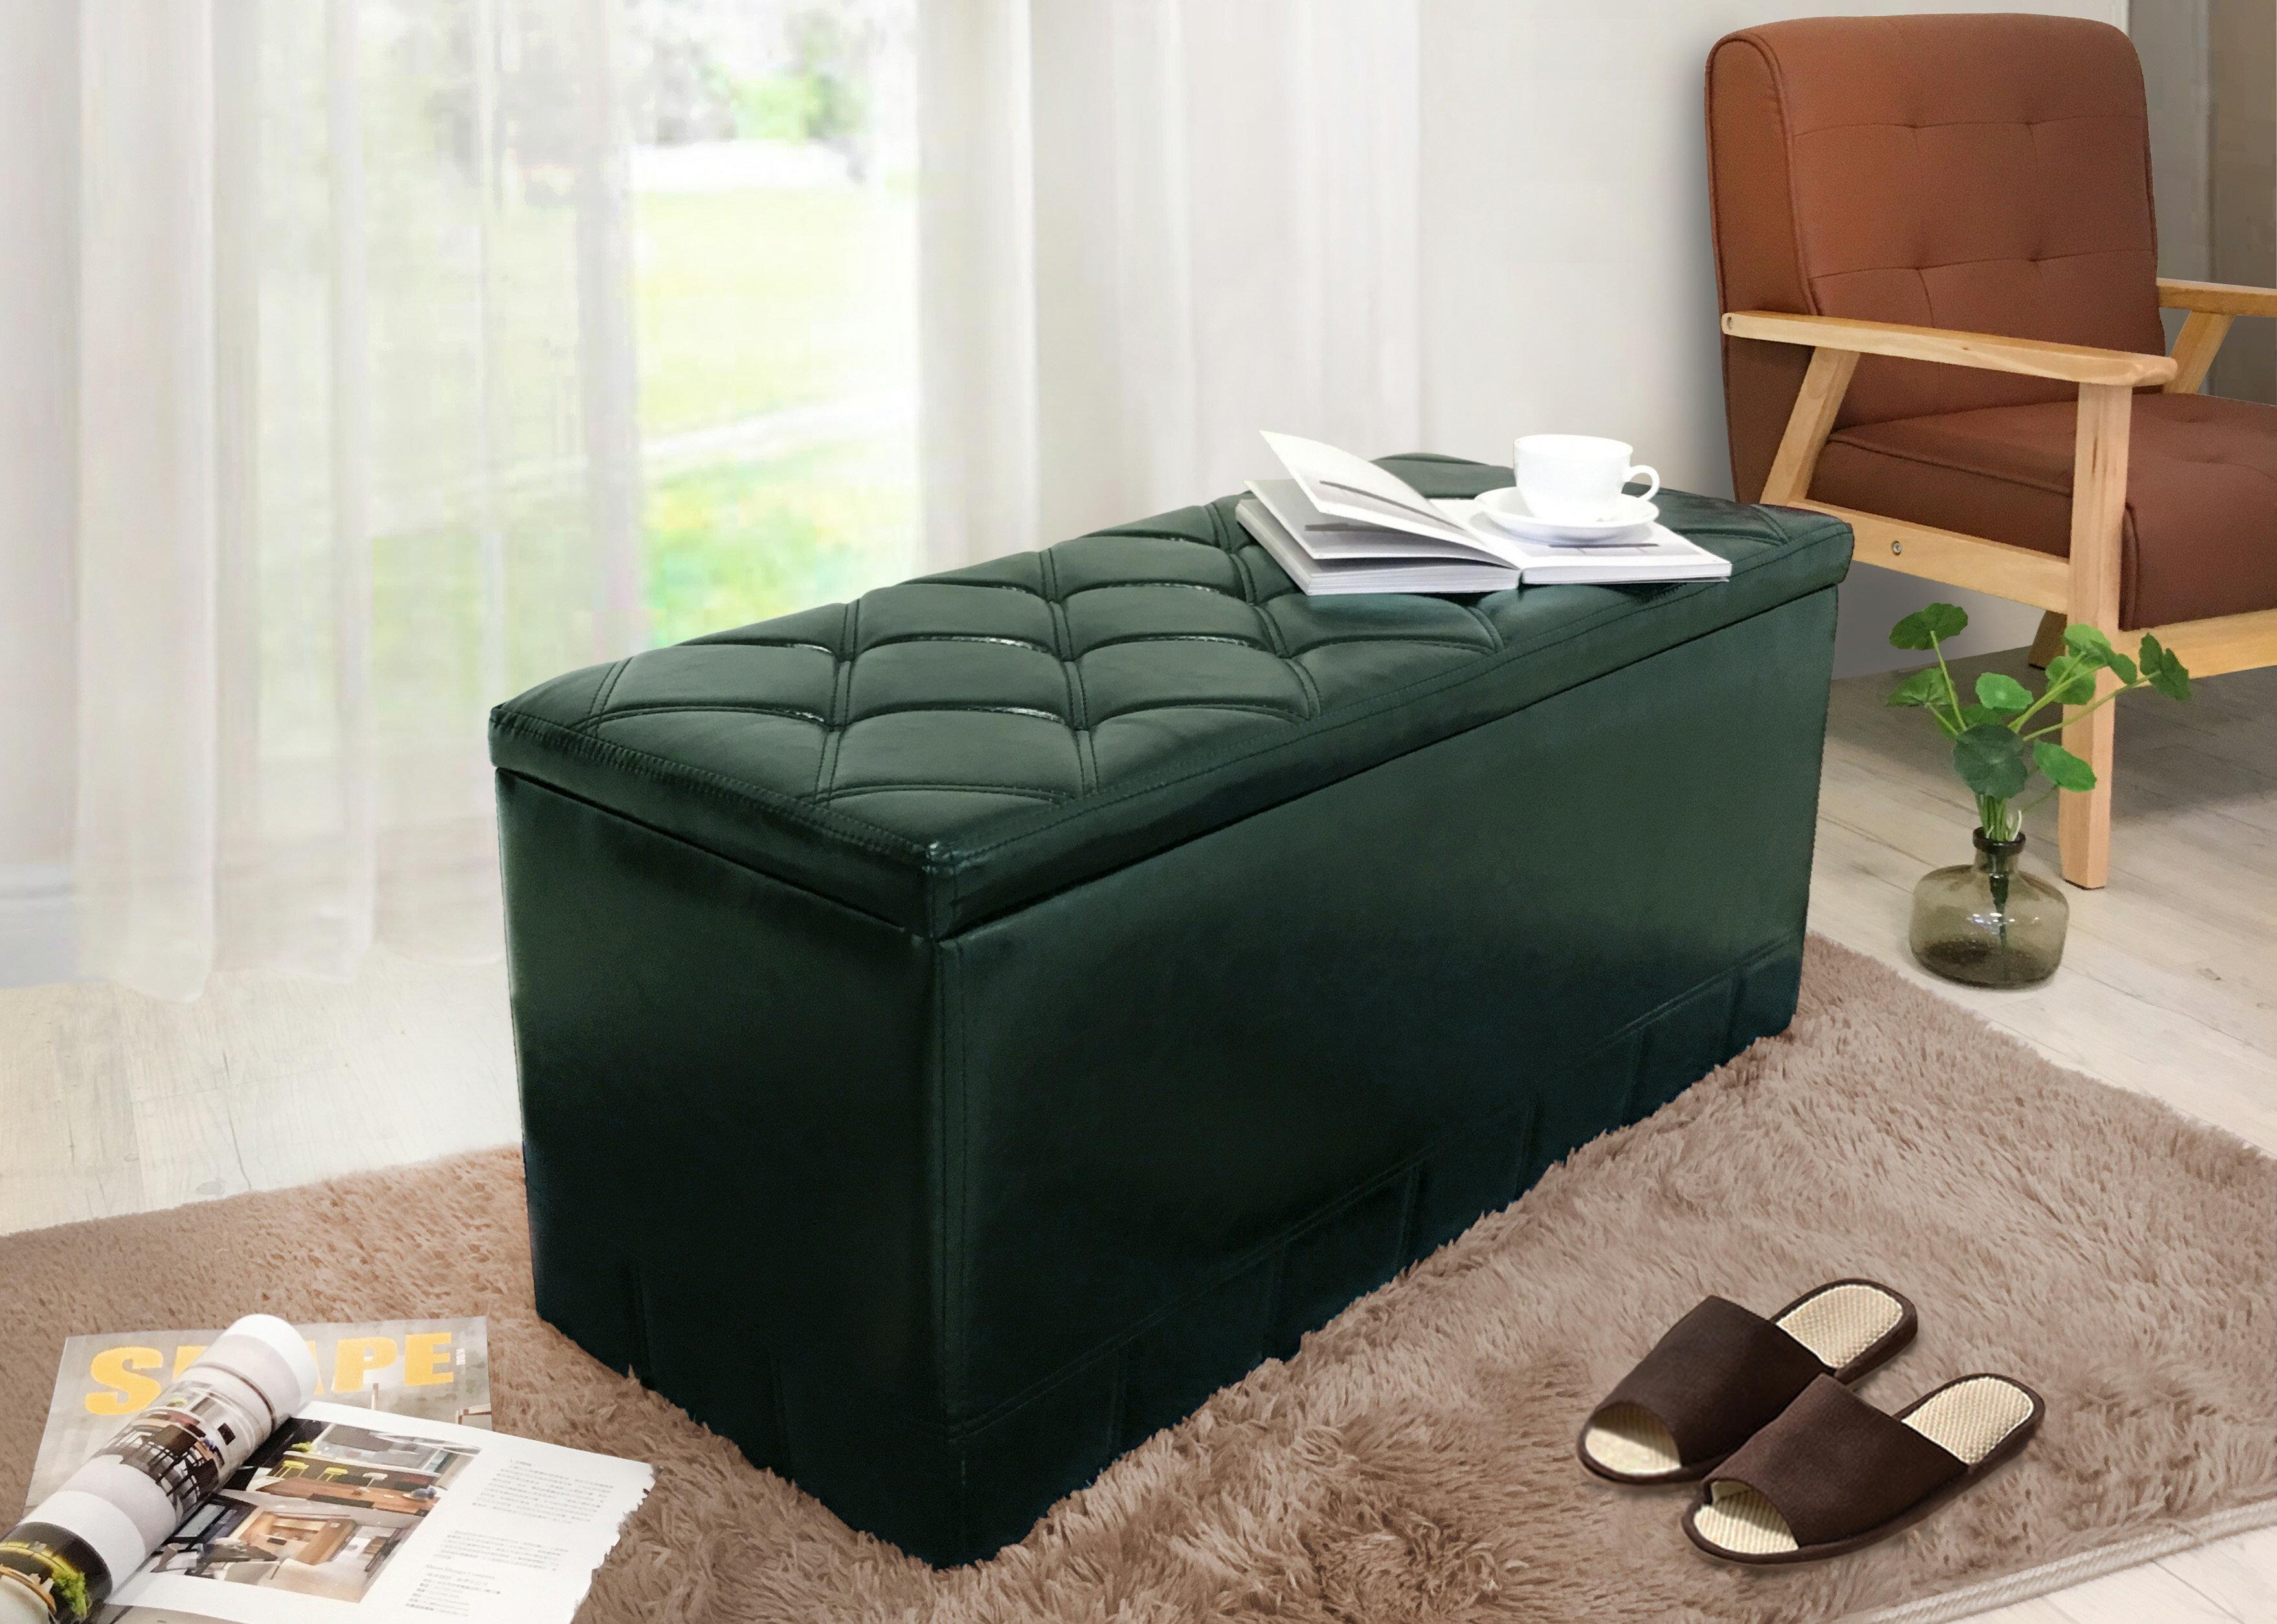 【新生活家具】綠色 現代 簡約 復古 收納箱 穿鞋凳 腳椅 玄關凳 休閒椅 4色可選《菲爾》 非 H&D ikea 宜家